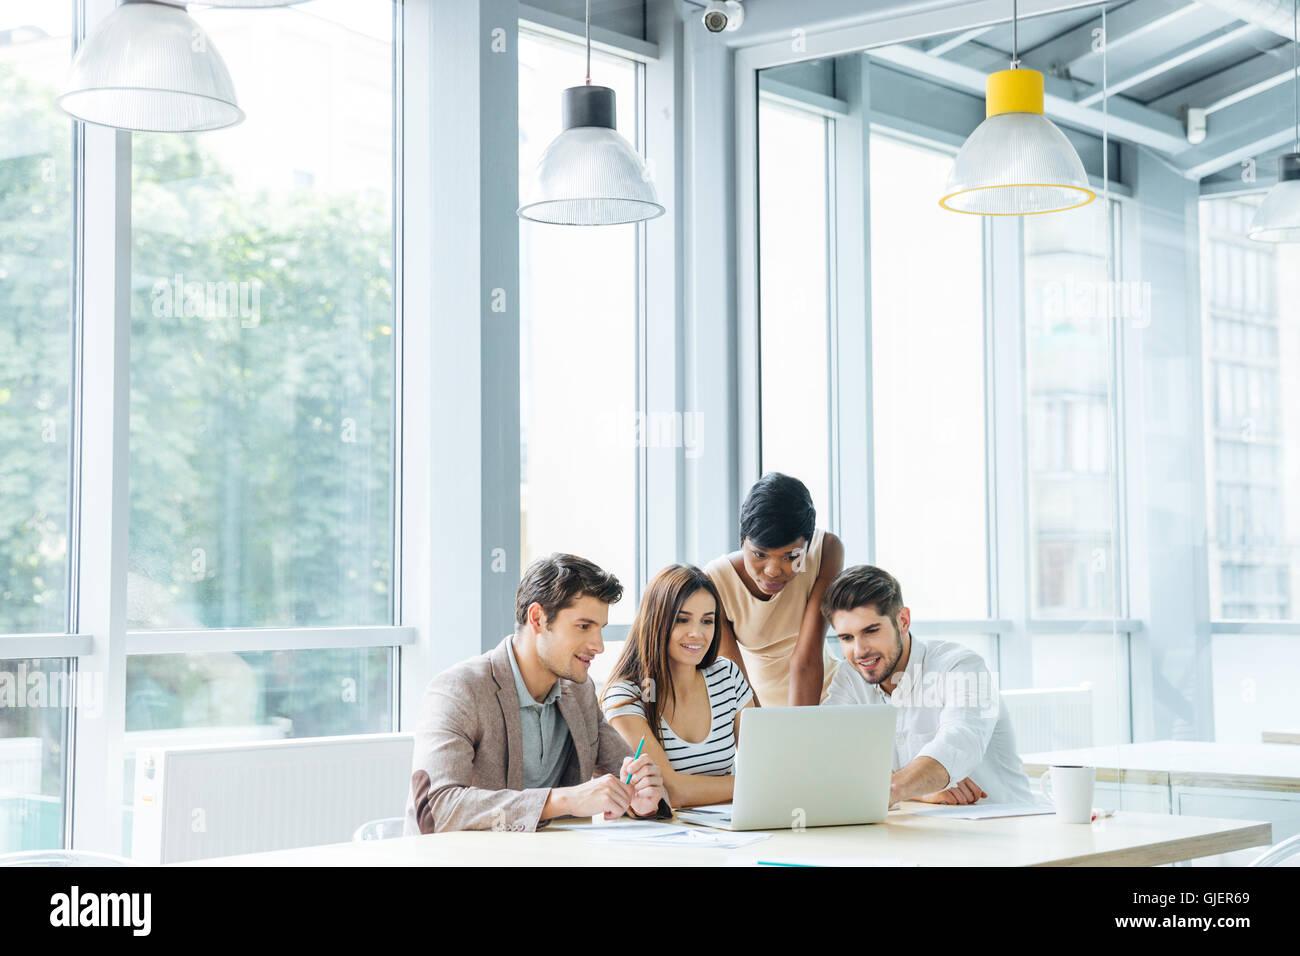 Multiethnische Gruppe von jungen Geschäftsleuten Präsentation erstellen und verwenden von Laptop zusammen Stockbild